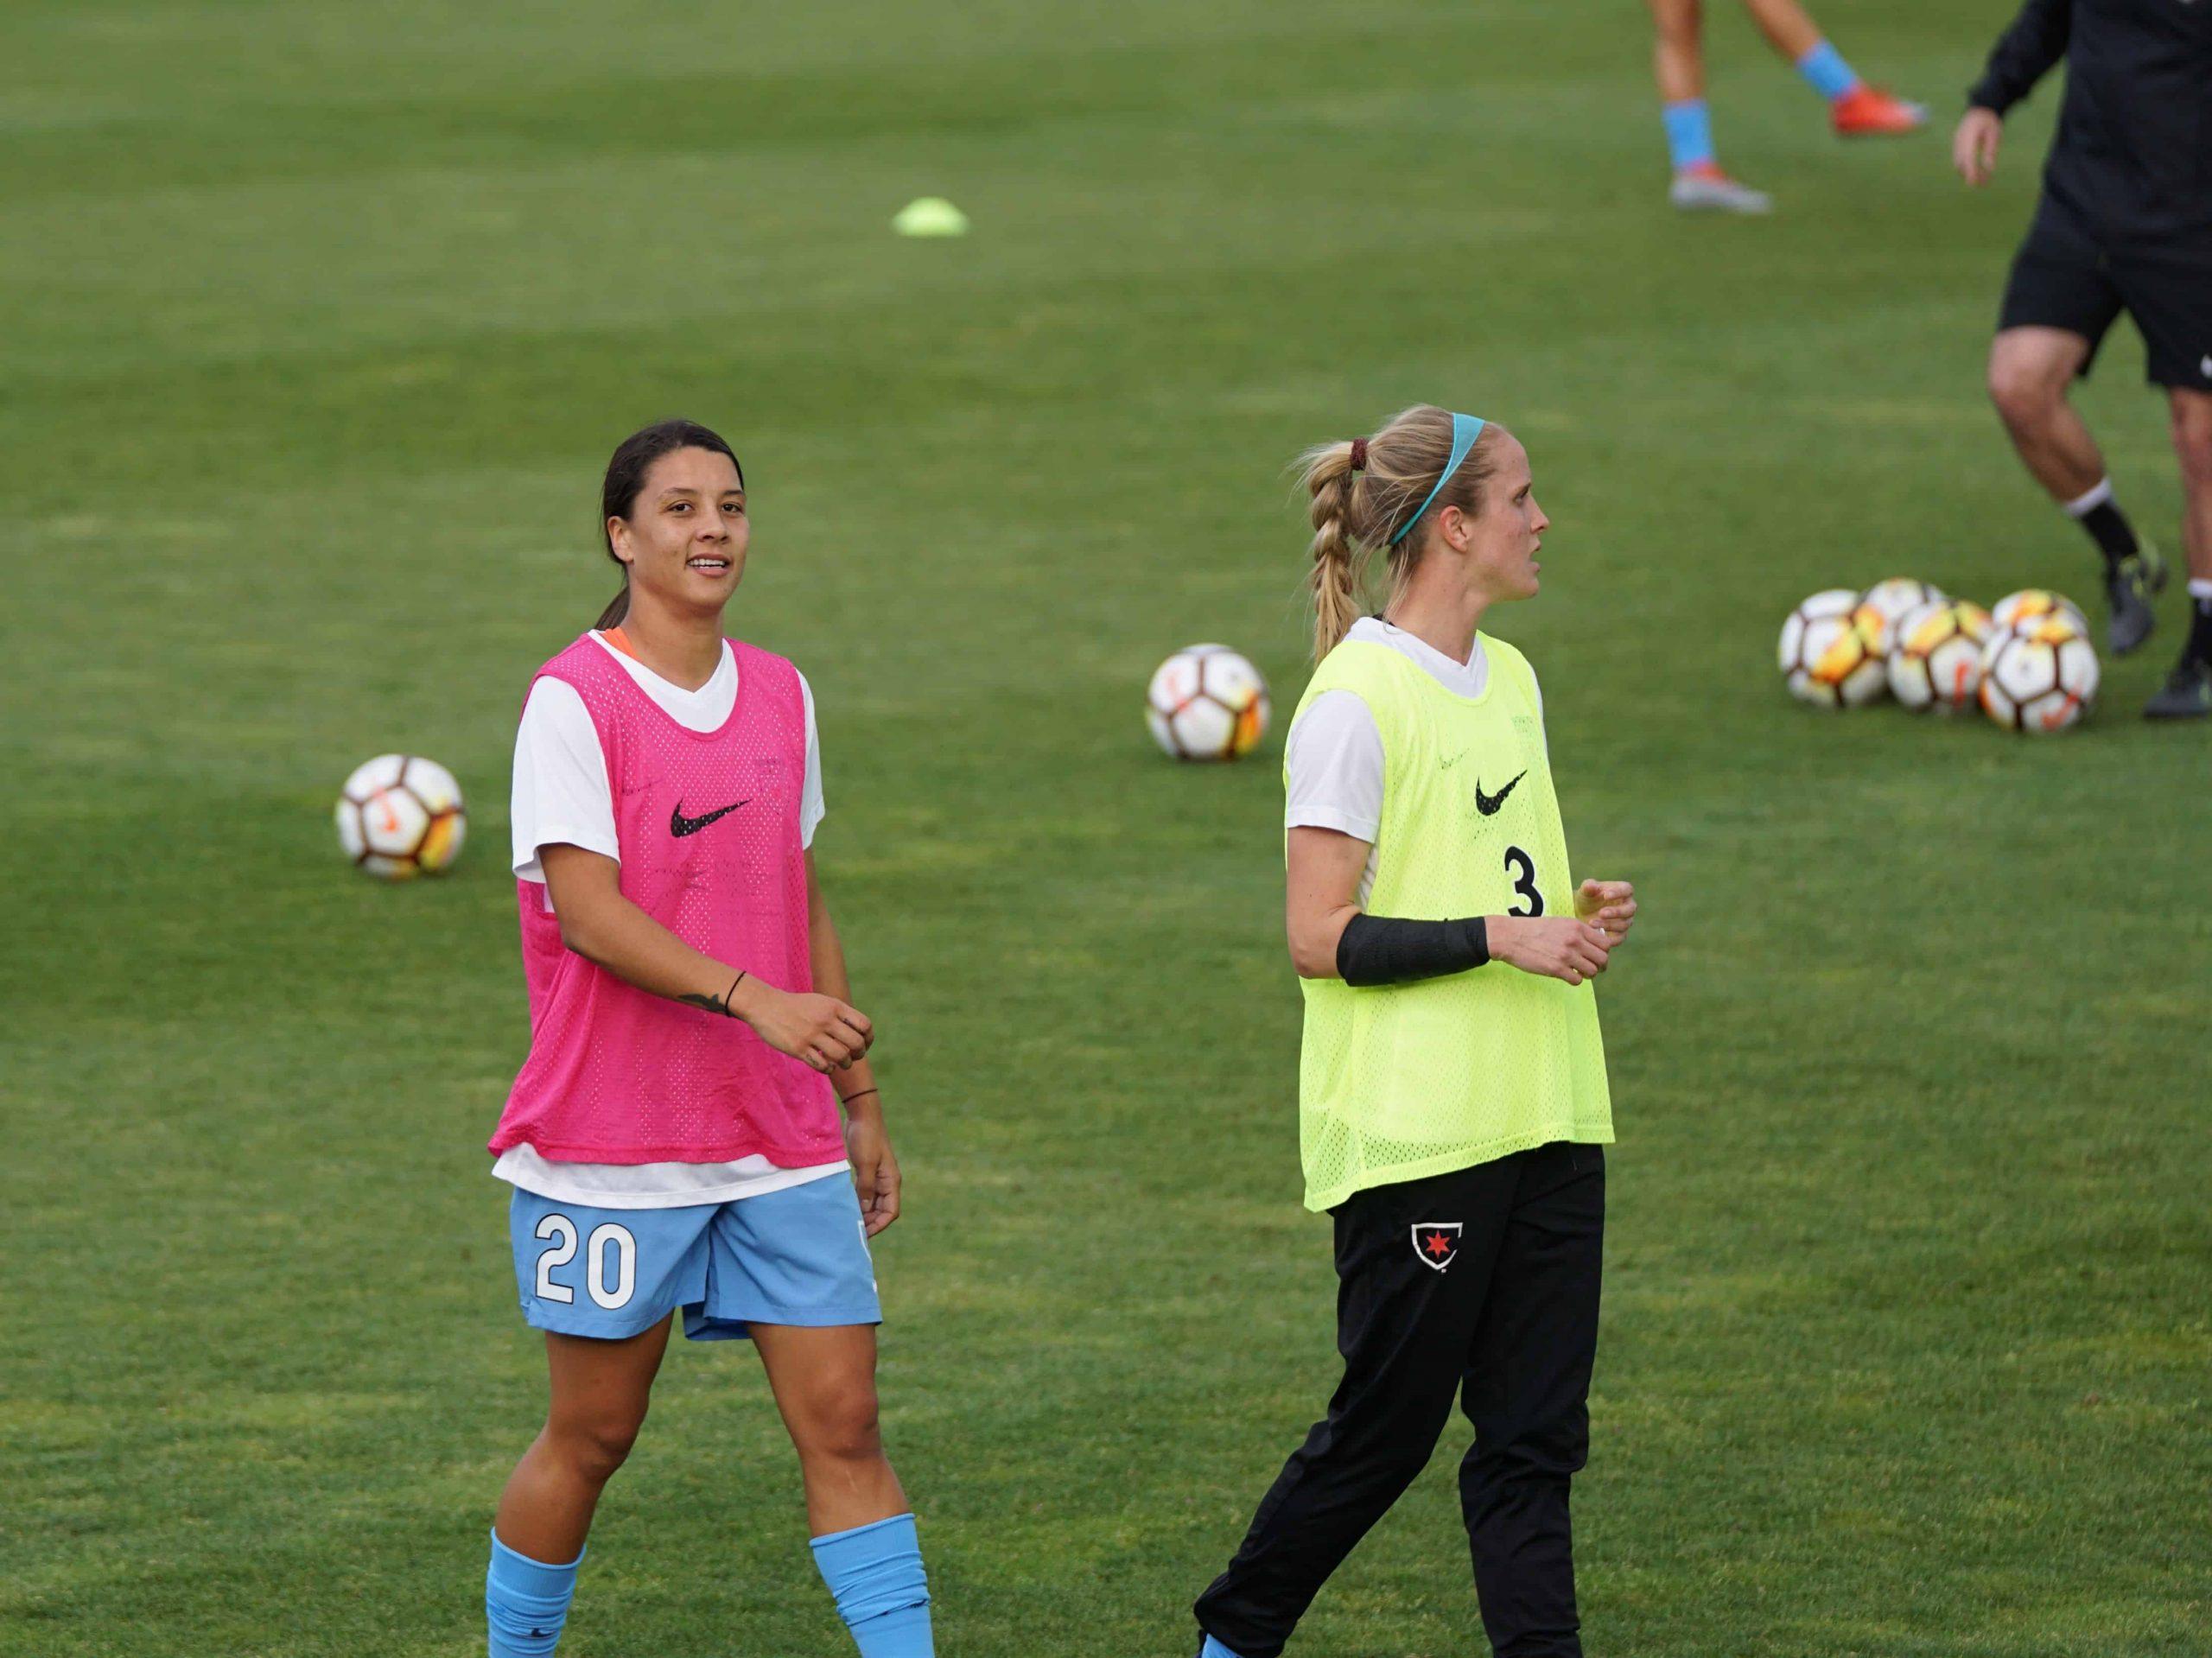 Imagem mostra duas jogadoras de futebol lado a lado, durante um treinamento. A da esquerda usa um colete rosa, o da direita, amarelo.